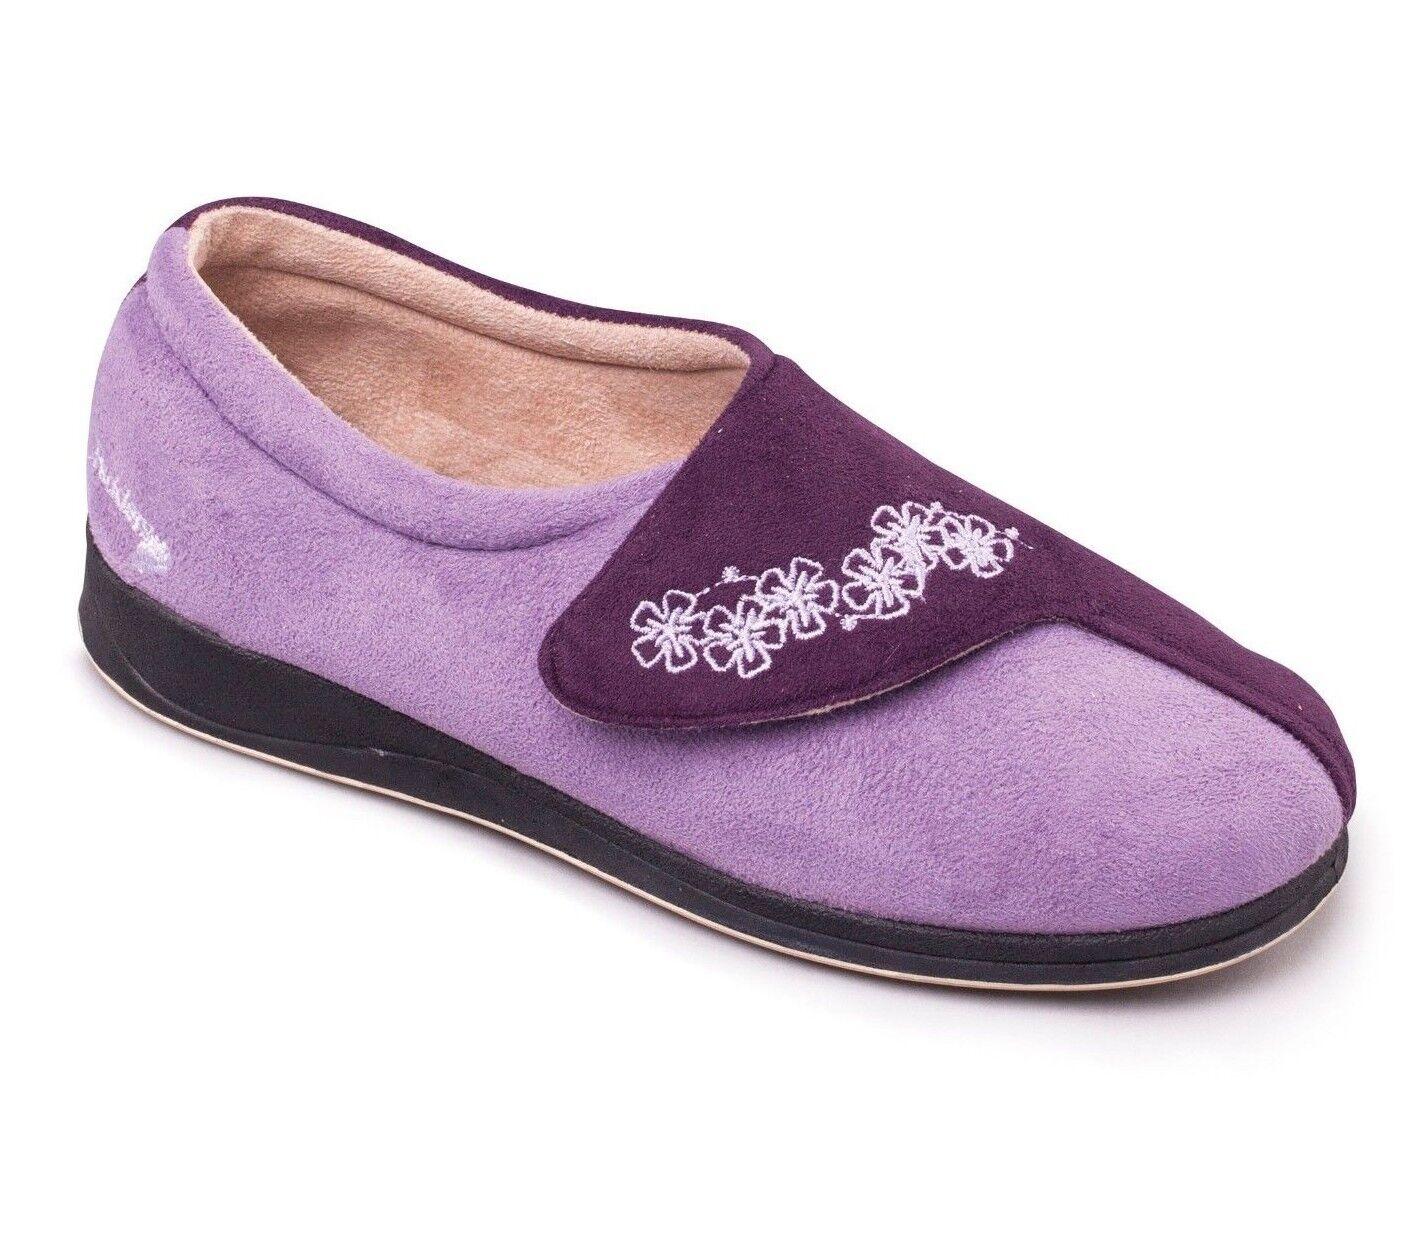 Padders HUG Ladies Memory Foam Strap Extra Wide EE Fitting Slippers Purple